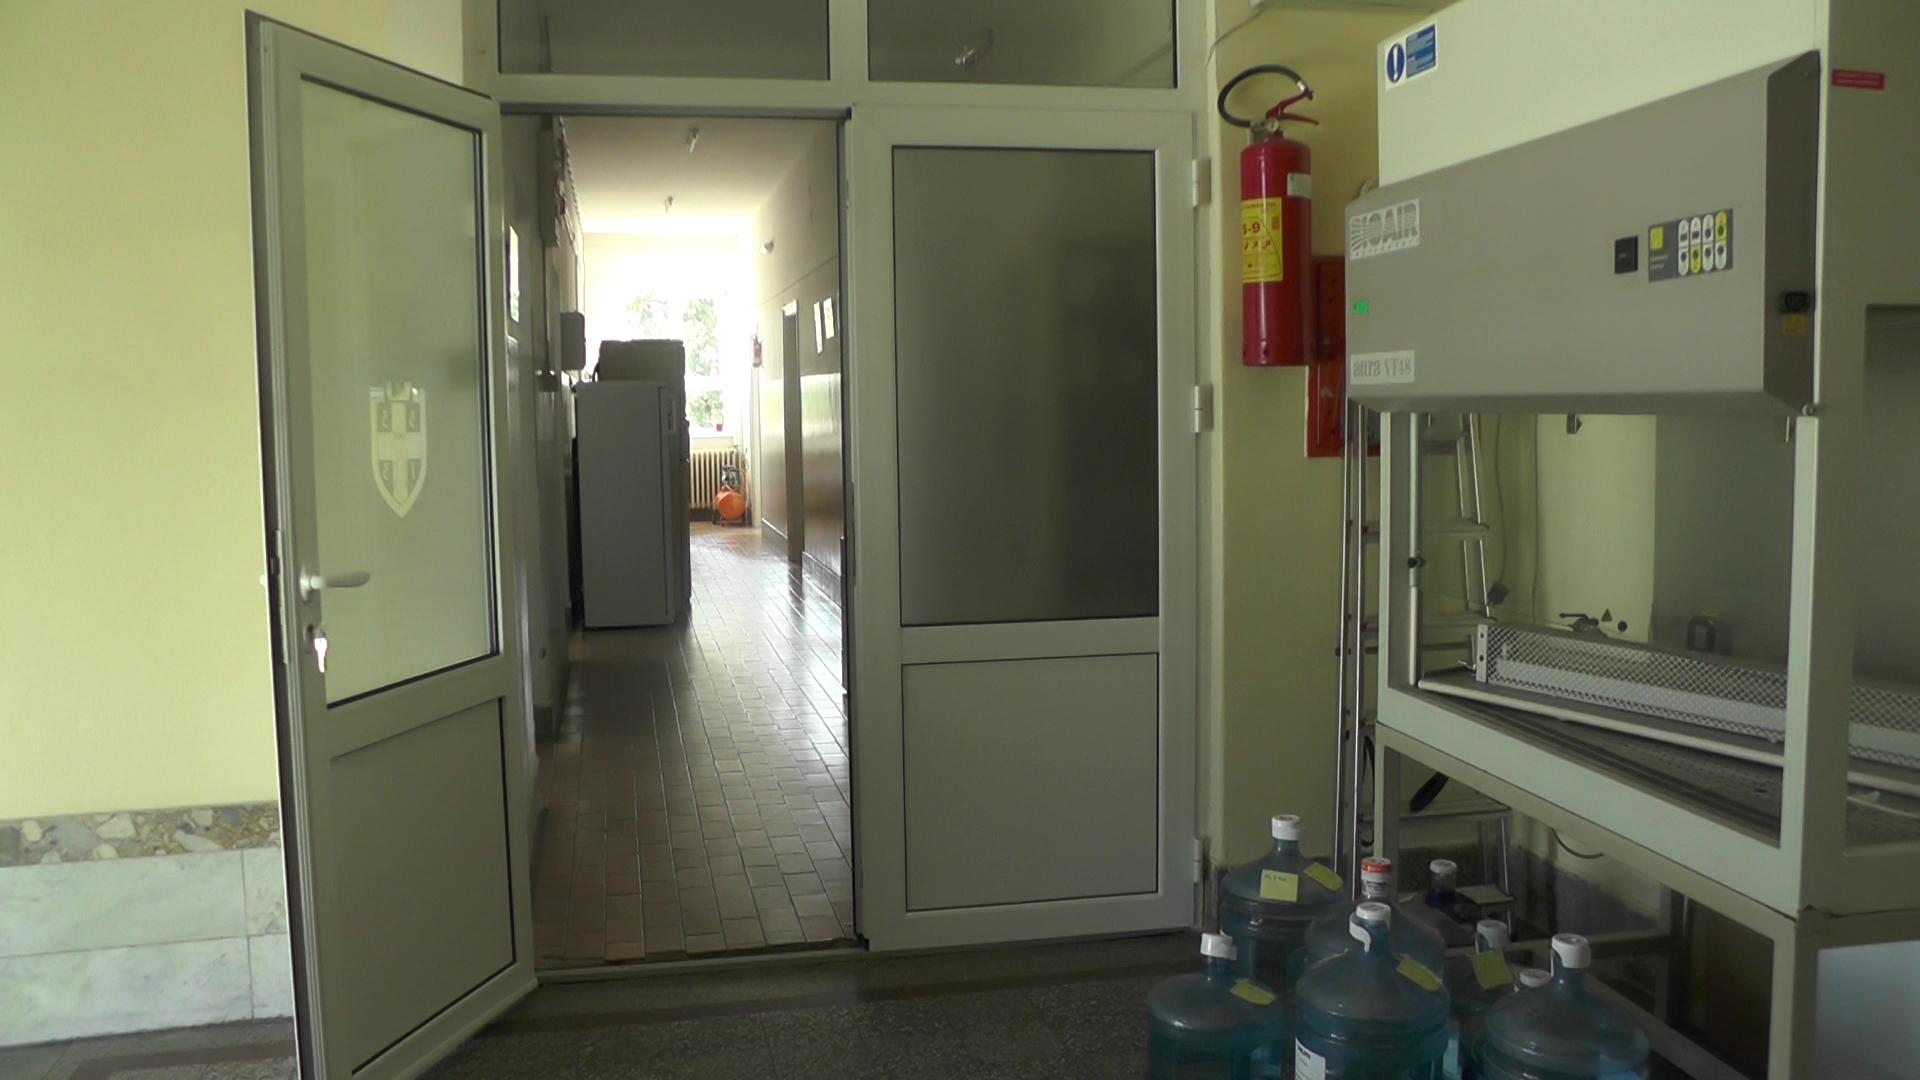 U Rasinskom okrugu prema poslednjim podacima na koronavirus pozitivna još 231 osoba – u Kruševcu 132, u Aleksandrovcu 28